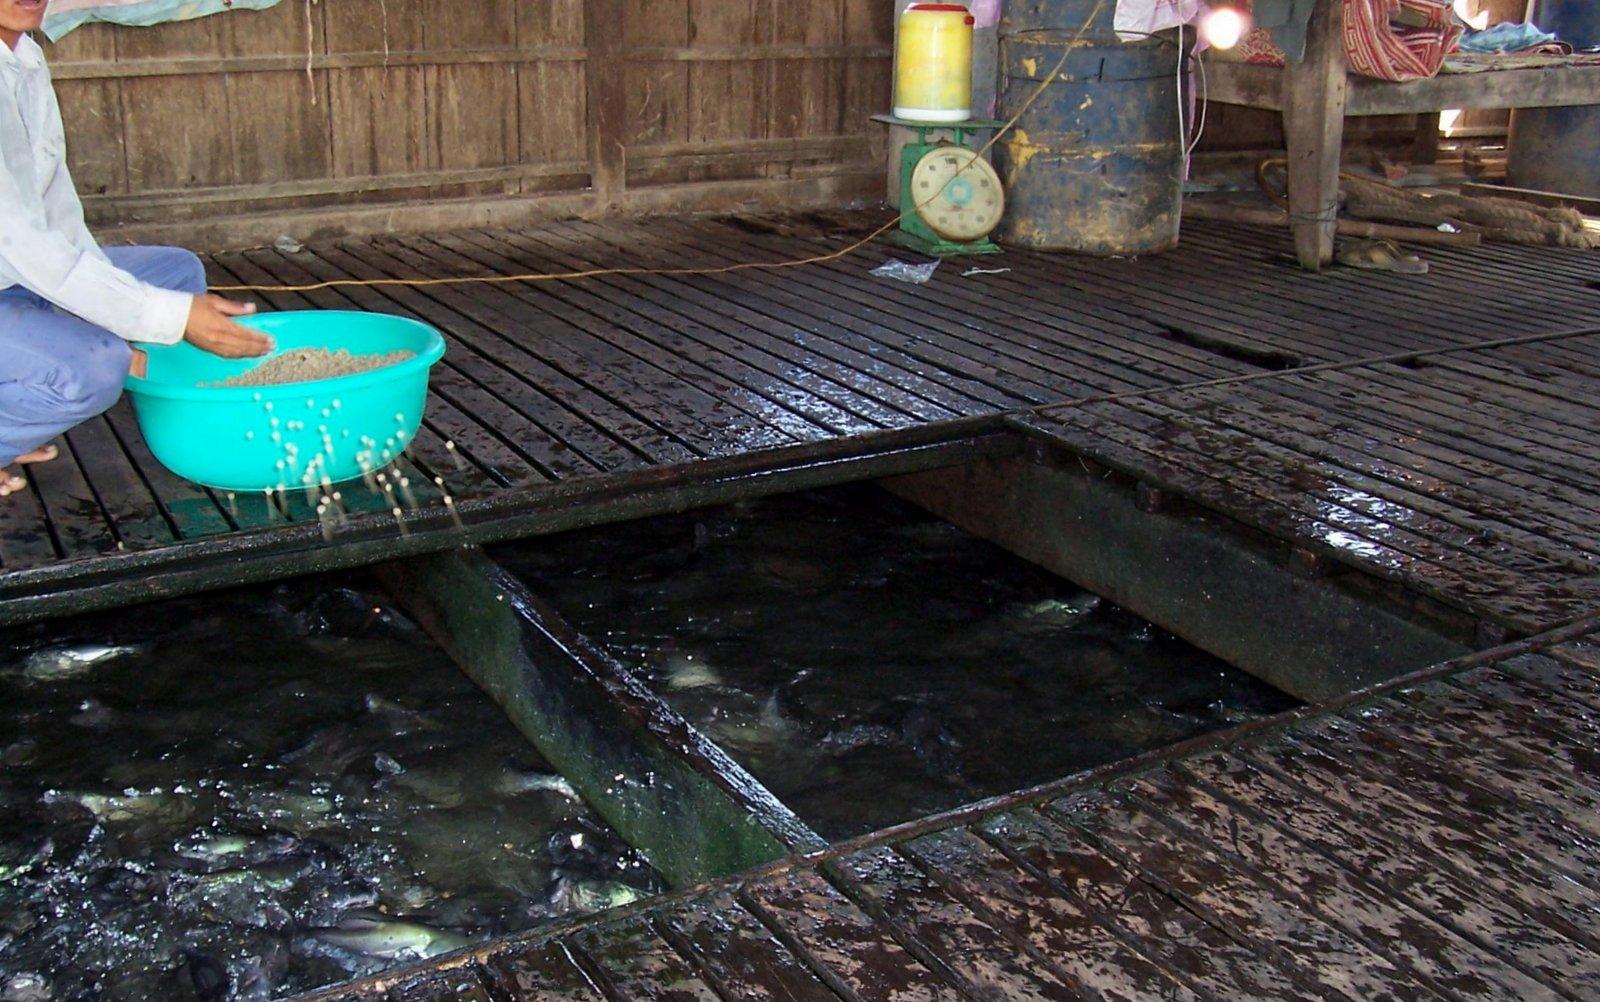 Hausboot im Mekong-Delta - Vietnam - Fischerfamilie